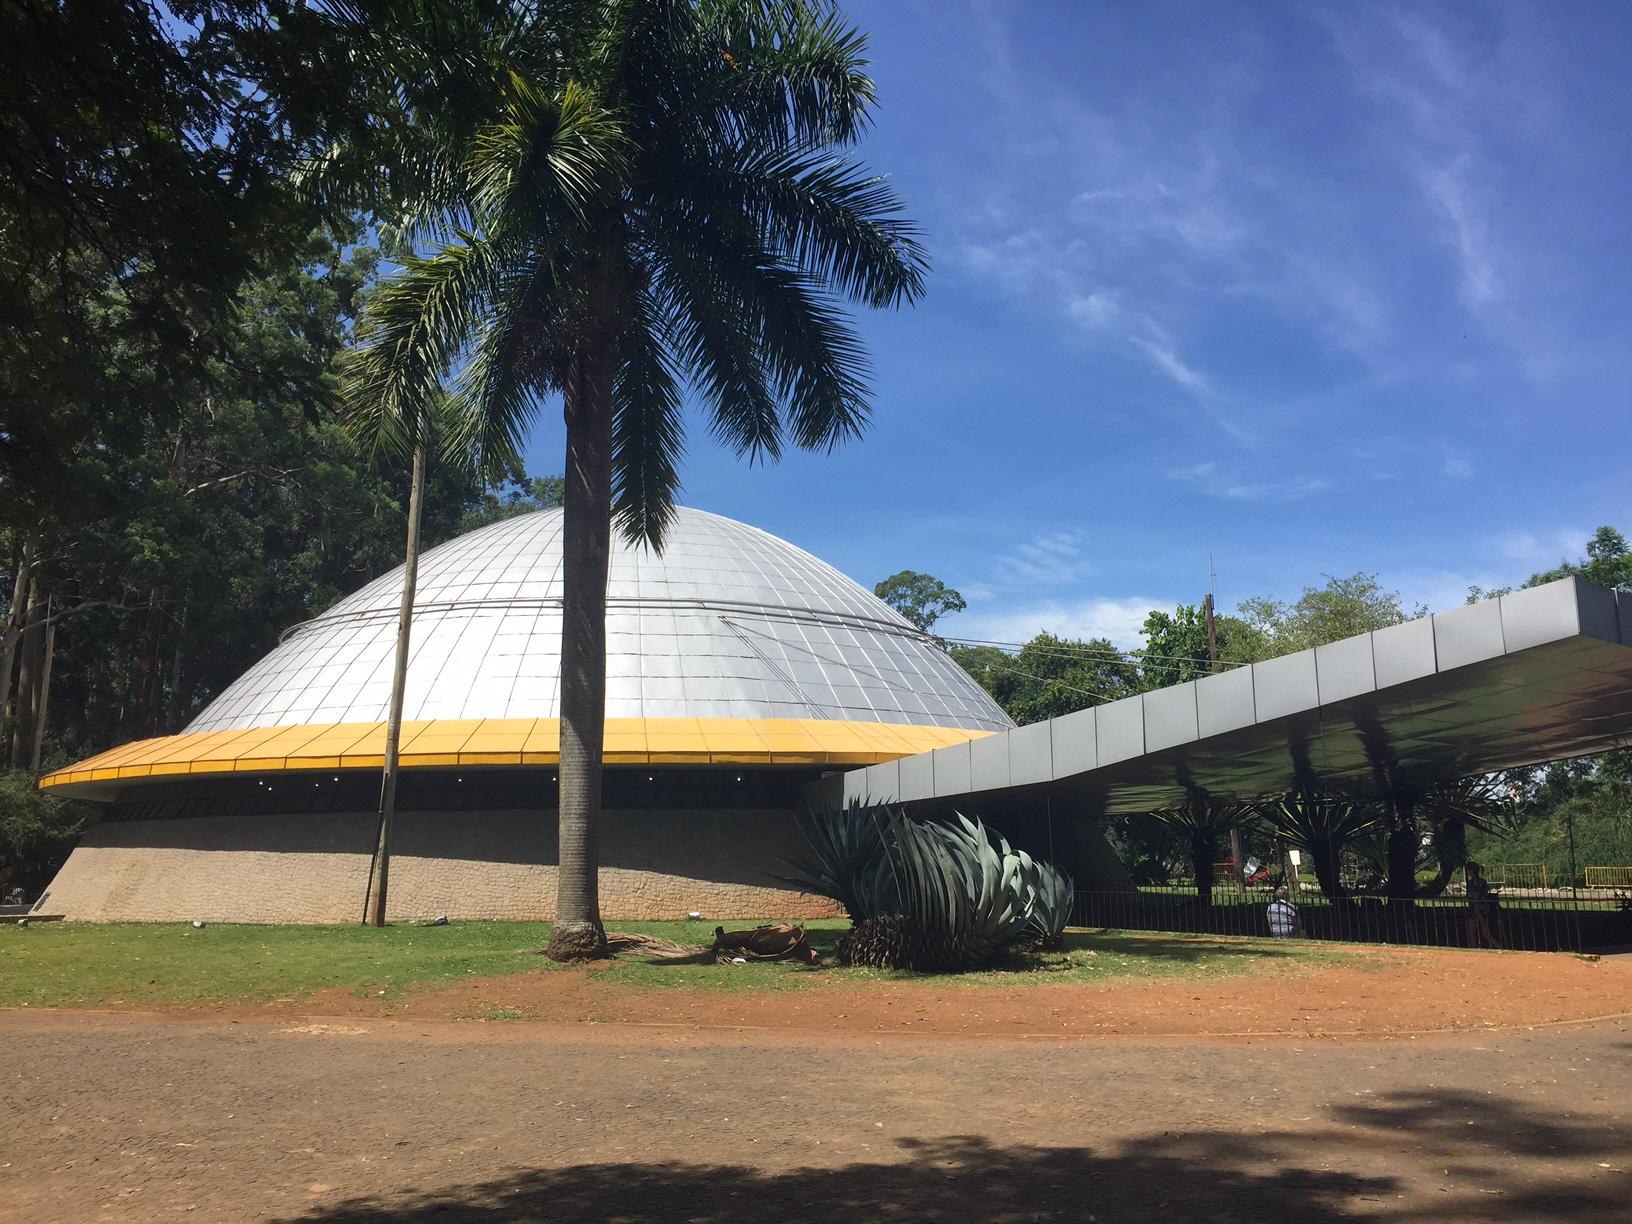 O planetário do parque do ibirapuera: para ver o céu e aprender sobre constelações, planetas e estrelas